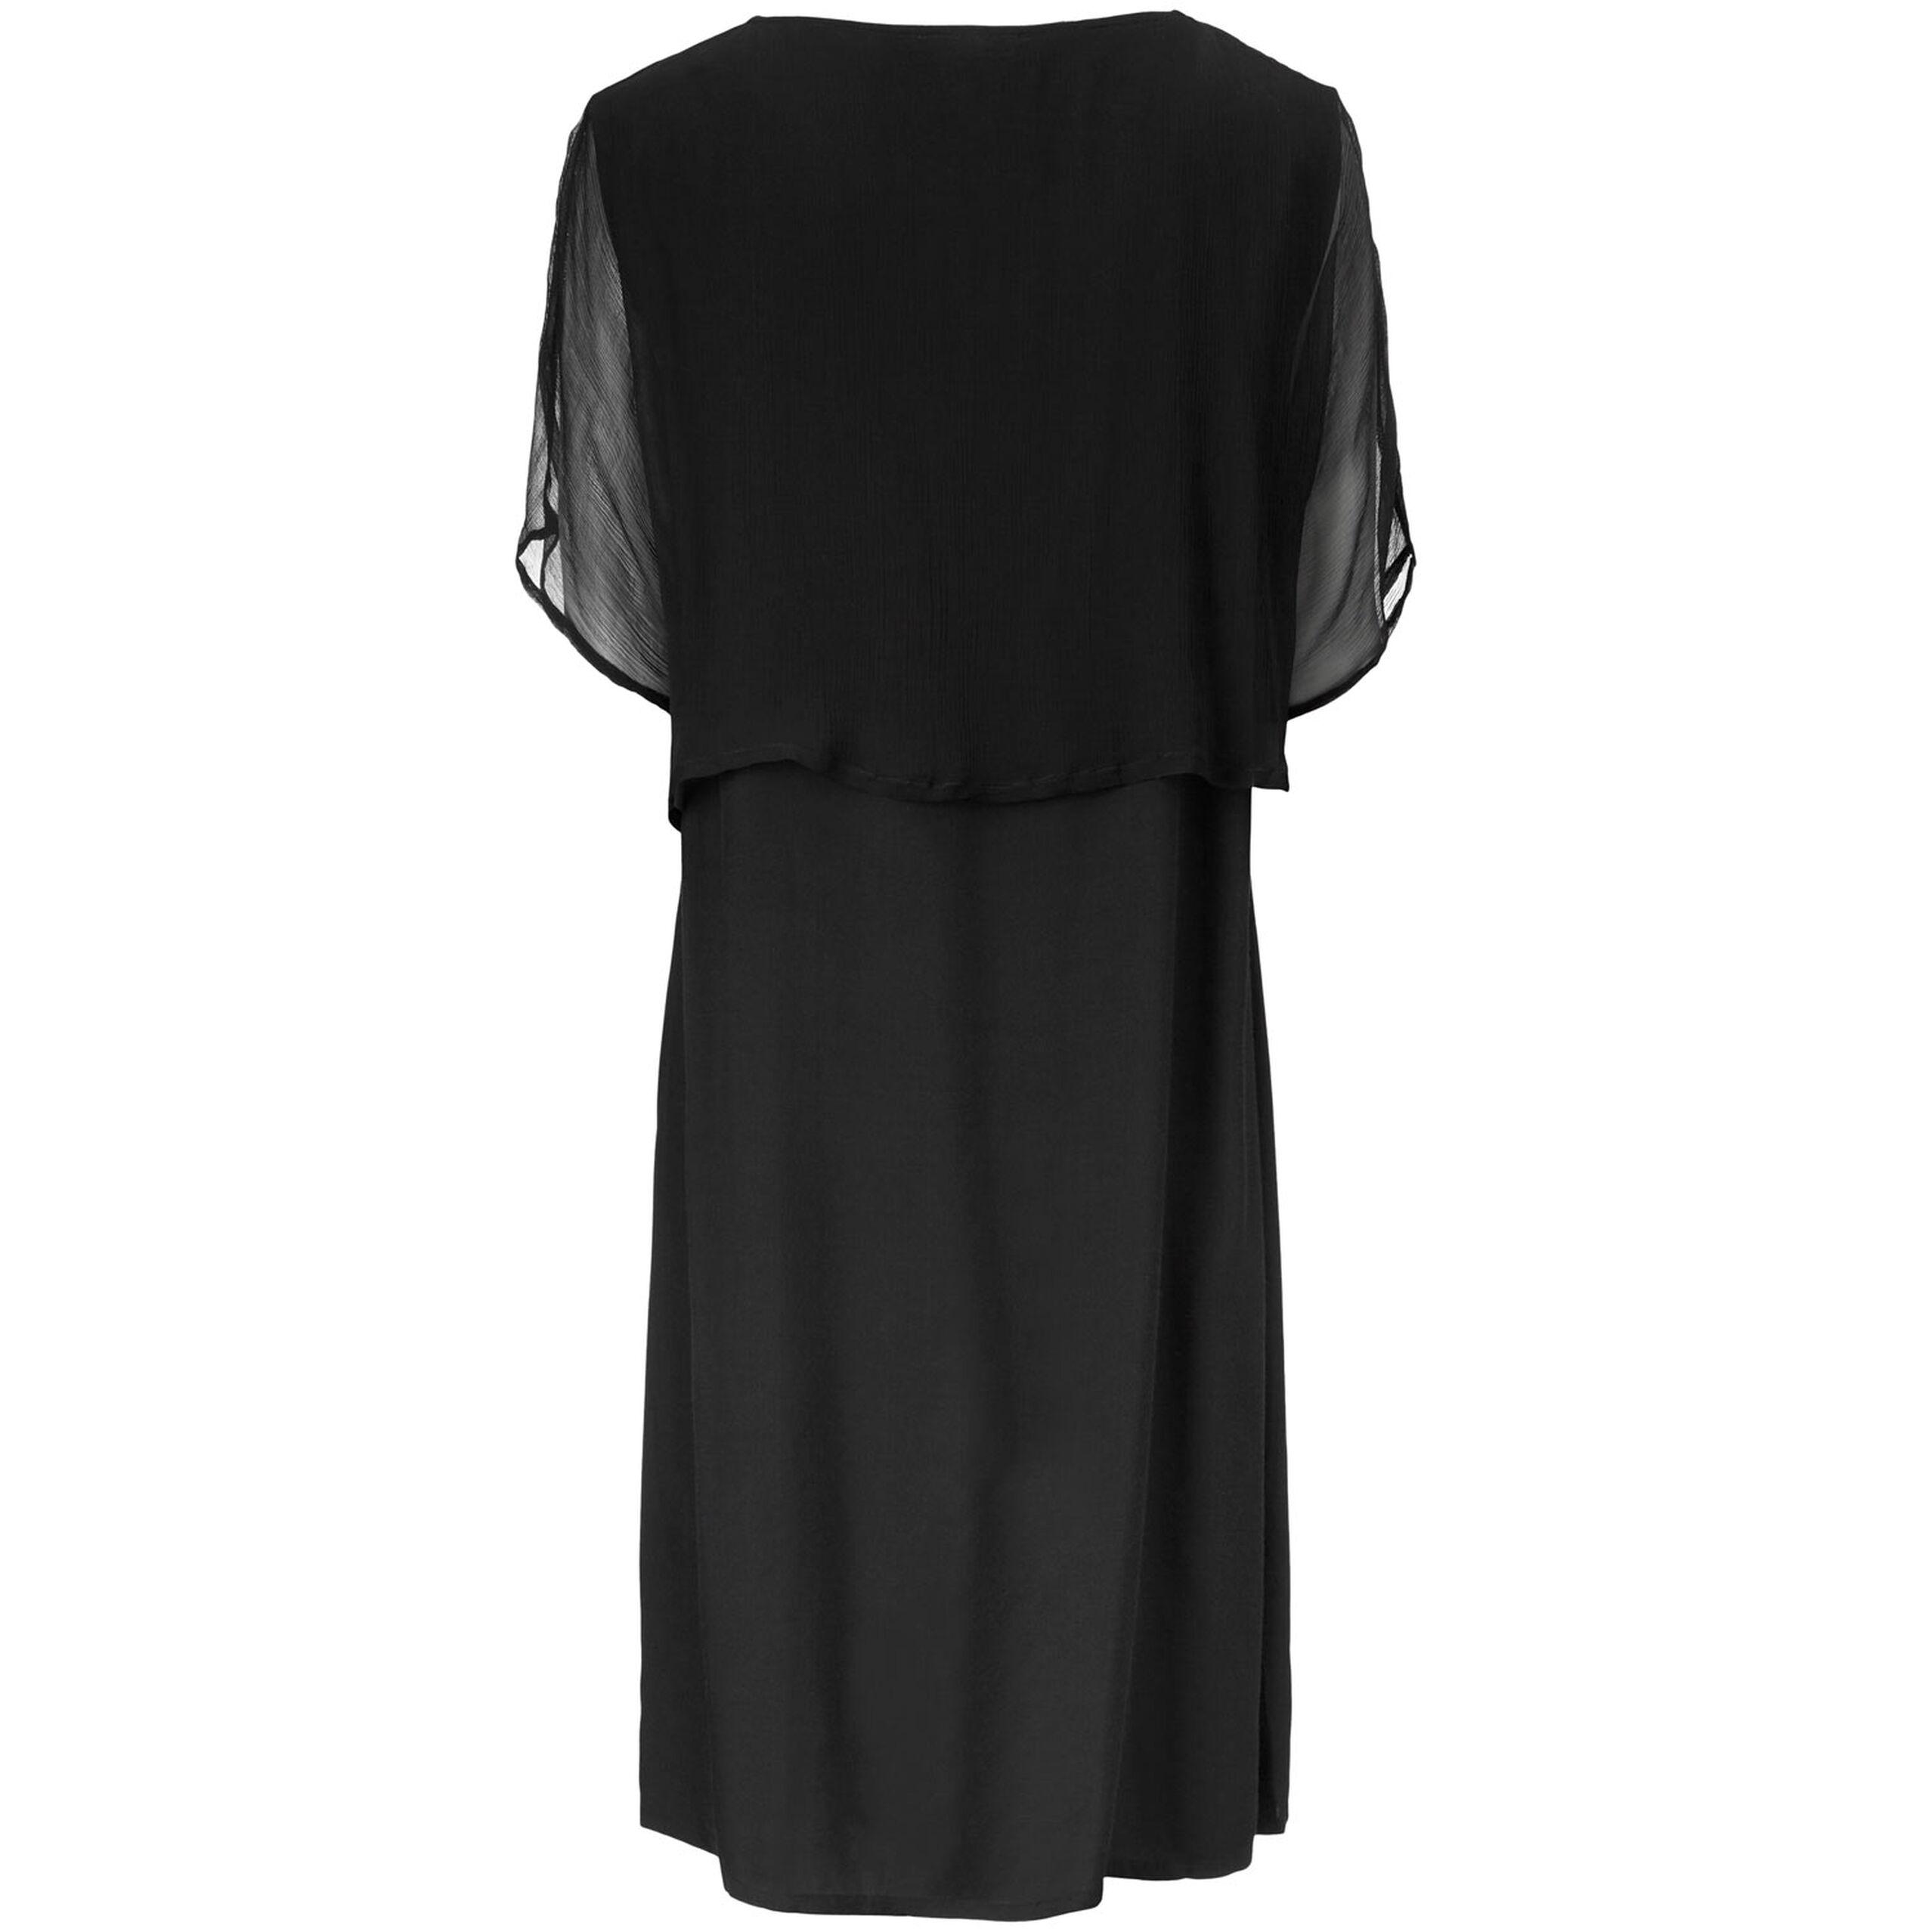 OZIA DRESS, Black, hi-res